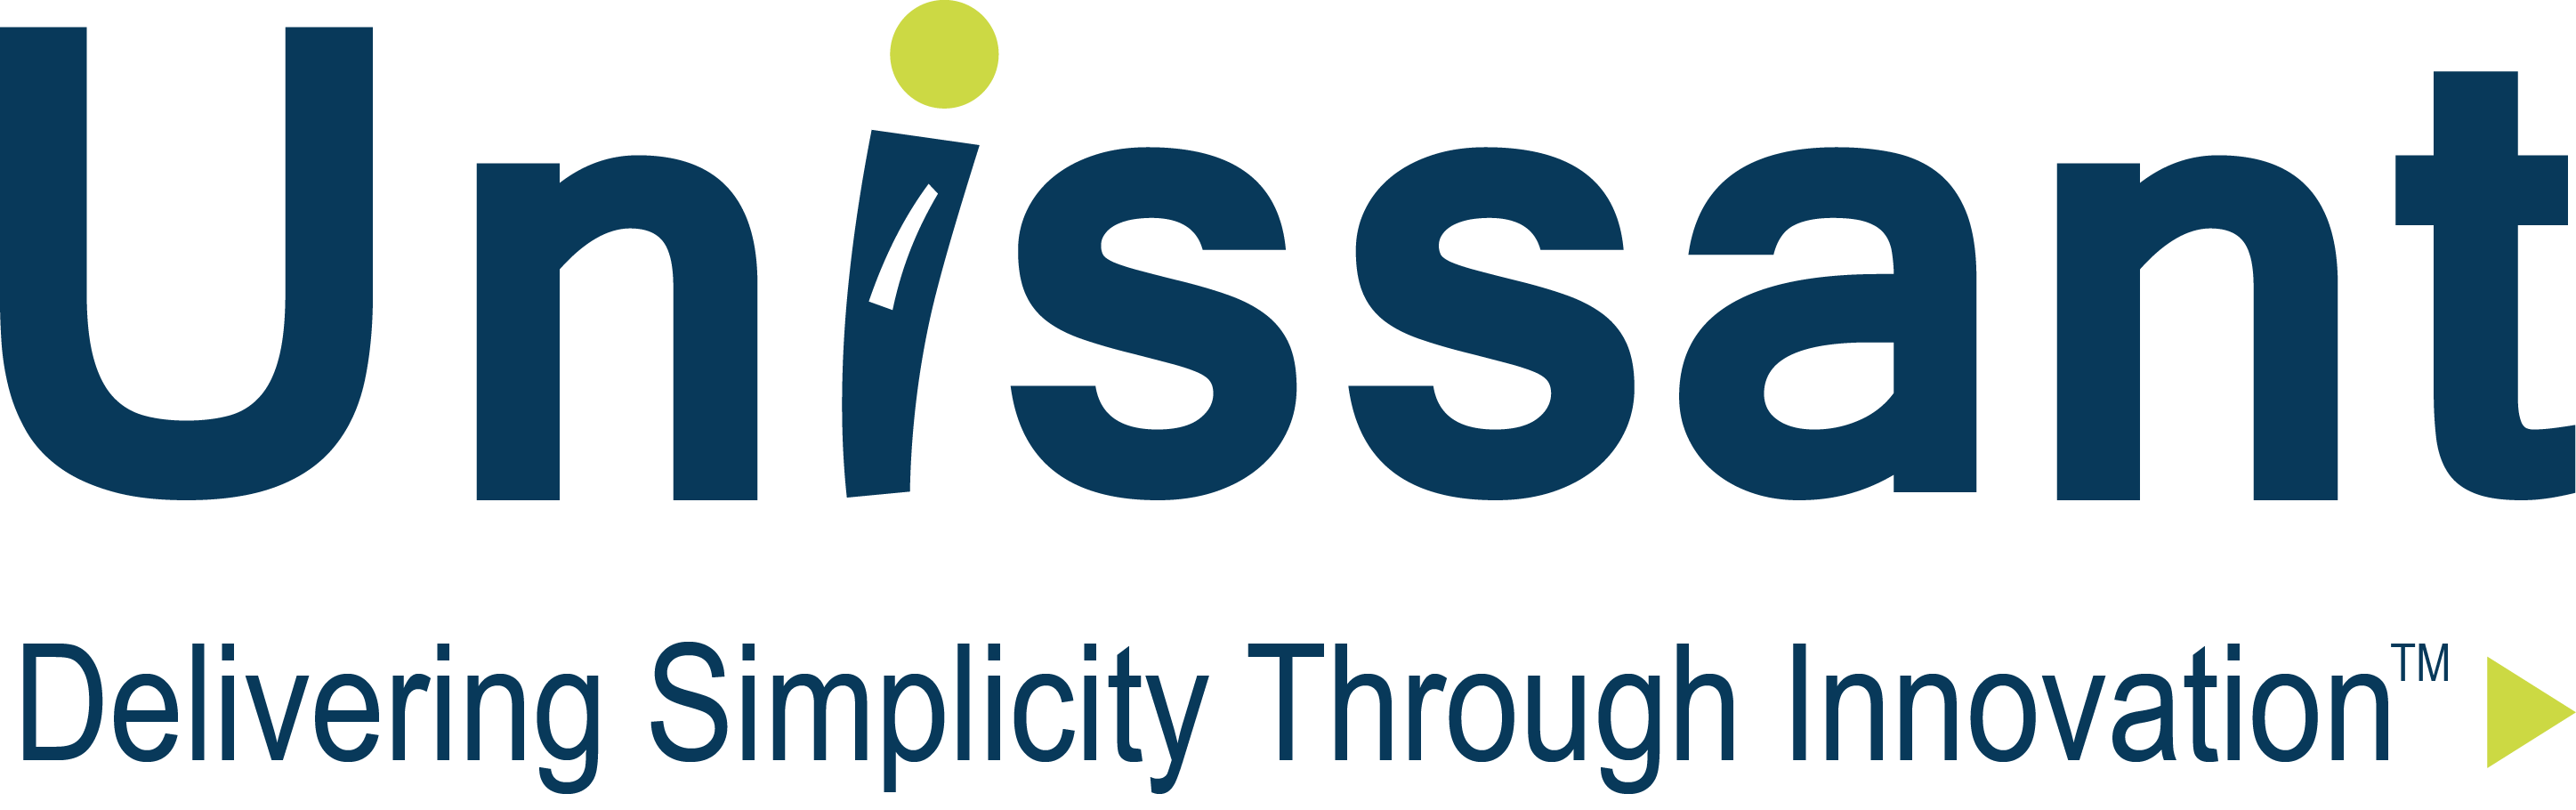 Unissant Corporate Website | Enterprise Program Management